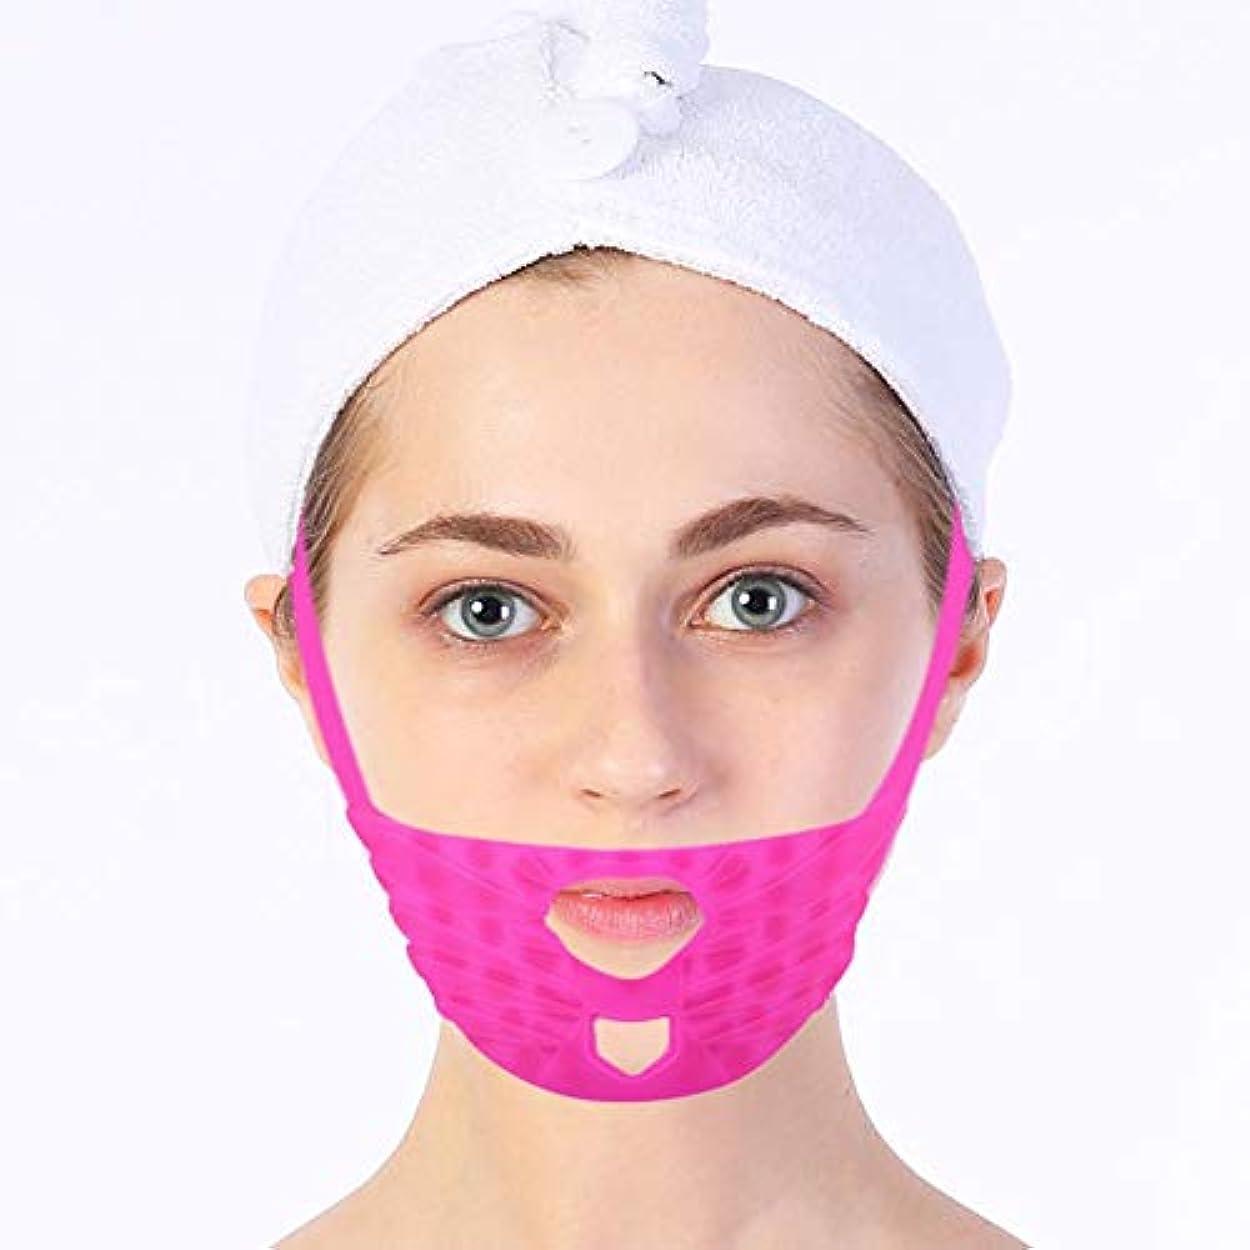 やるもっともらしいうなり声Semmeフェイシャルリフティング引き締め痩身マスク、マッサージフェイスシリコン包帯Vラインマスク首の圧縮二重あご、変更ダブルチェーンマスク引き締まった肌を減らす